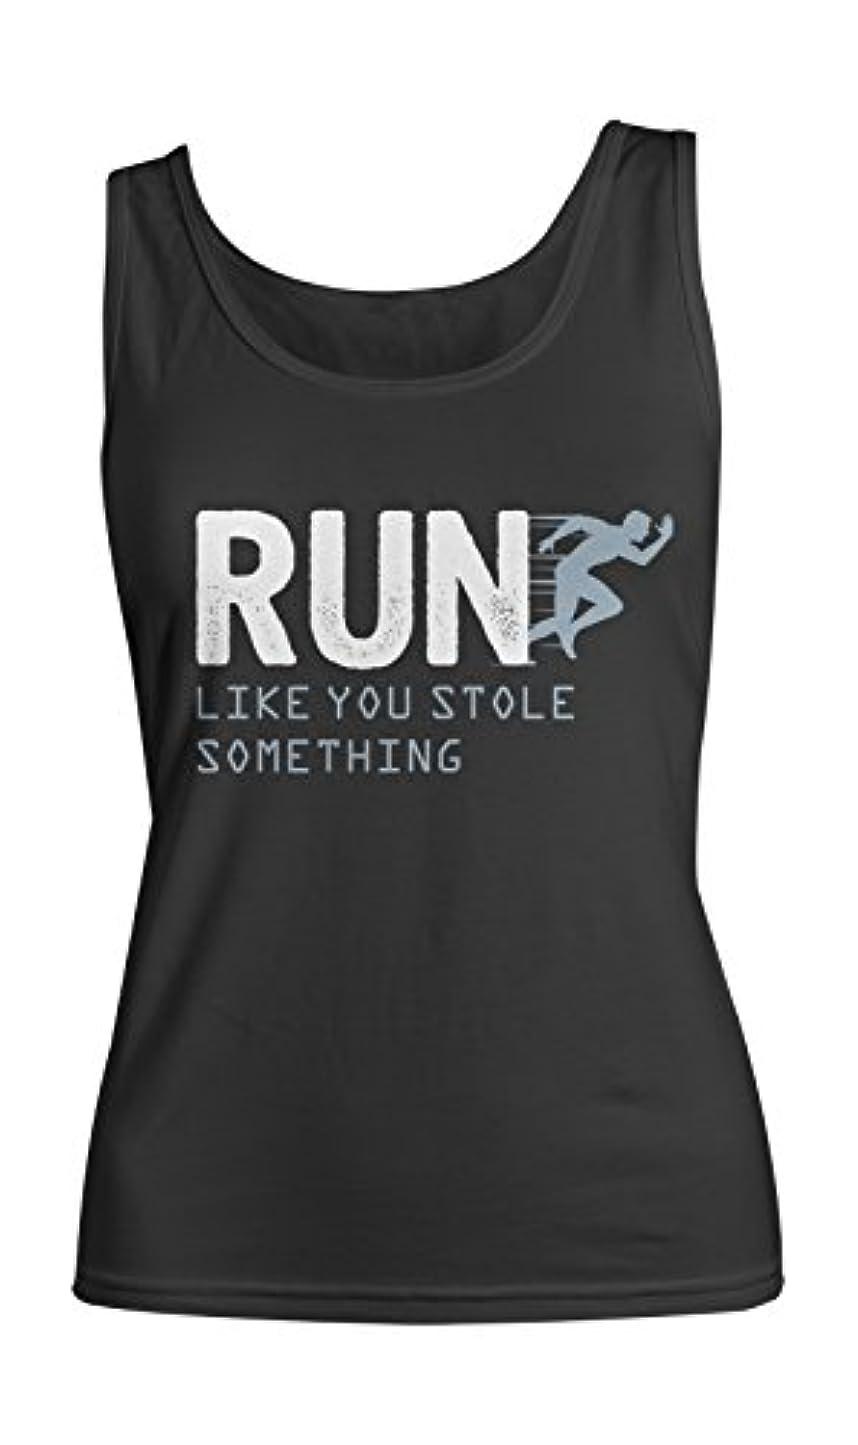 キュービック若者スラム街Run Like You Stole Something おかしいです Running Jogging やる気を起こさせます レディース Tank Top Sleeveless Shirt